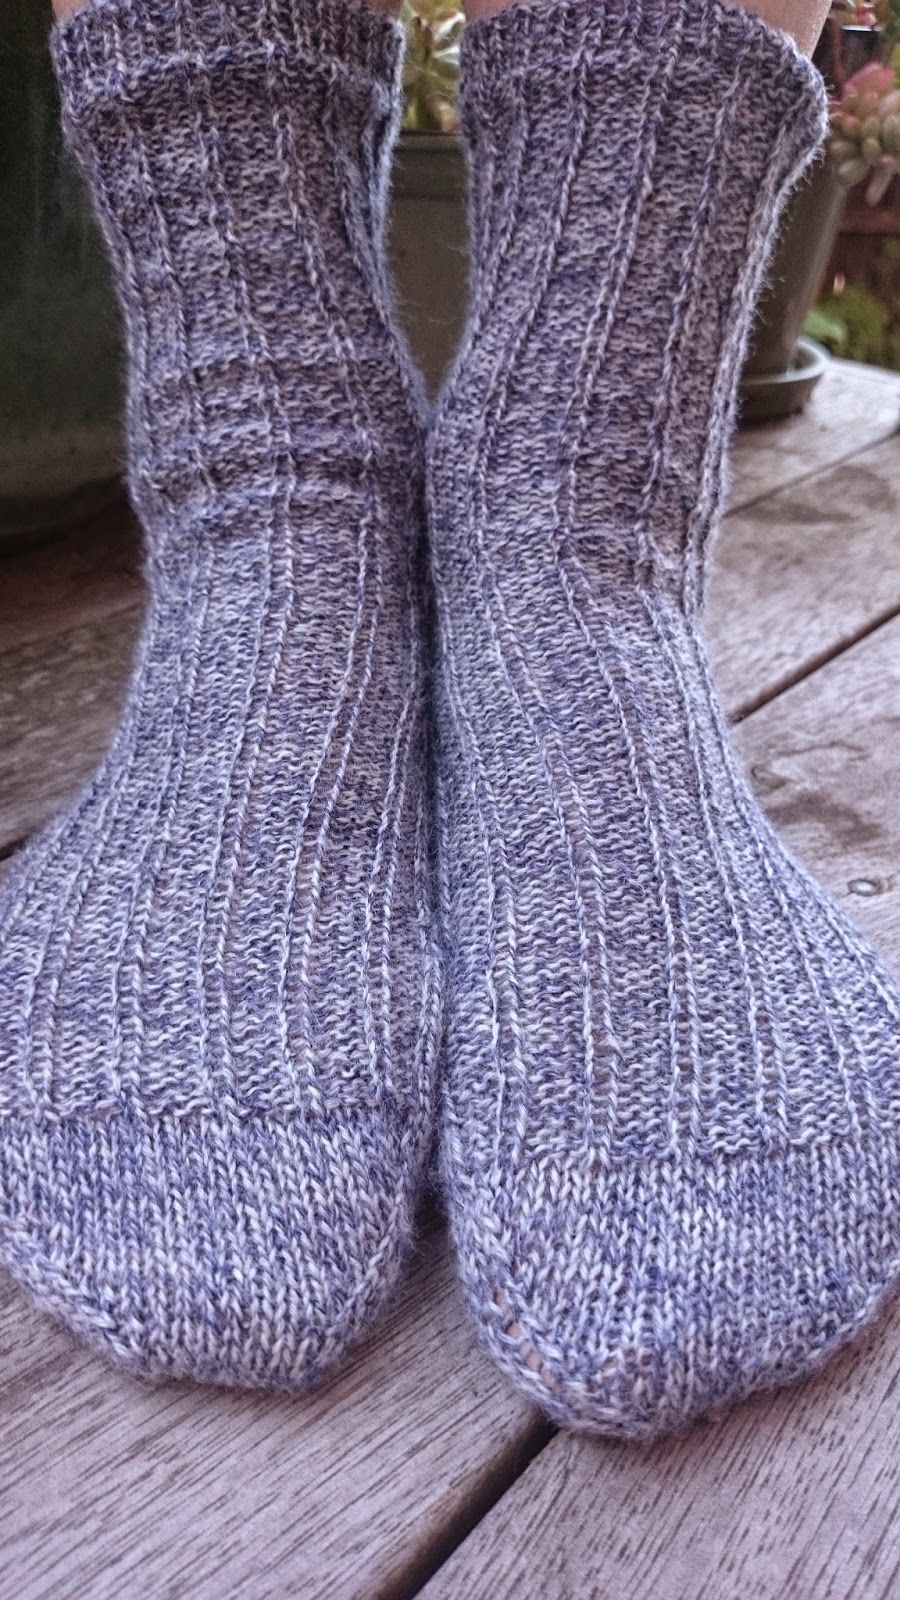 knitted knitting socks marled lang jawoll marle handmade